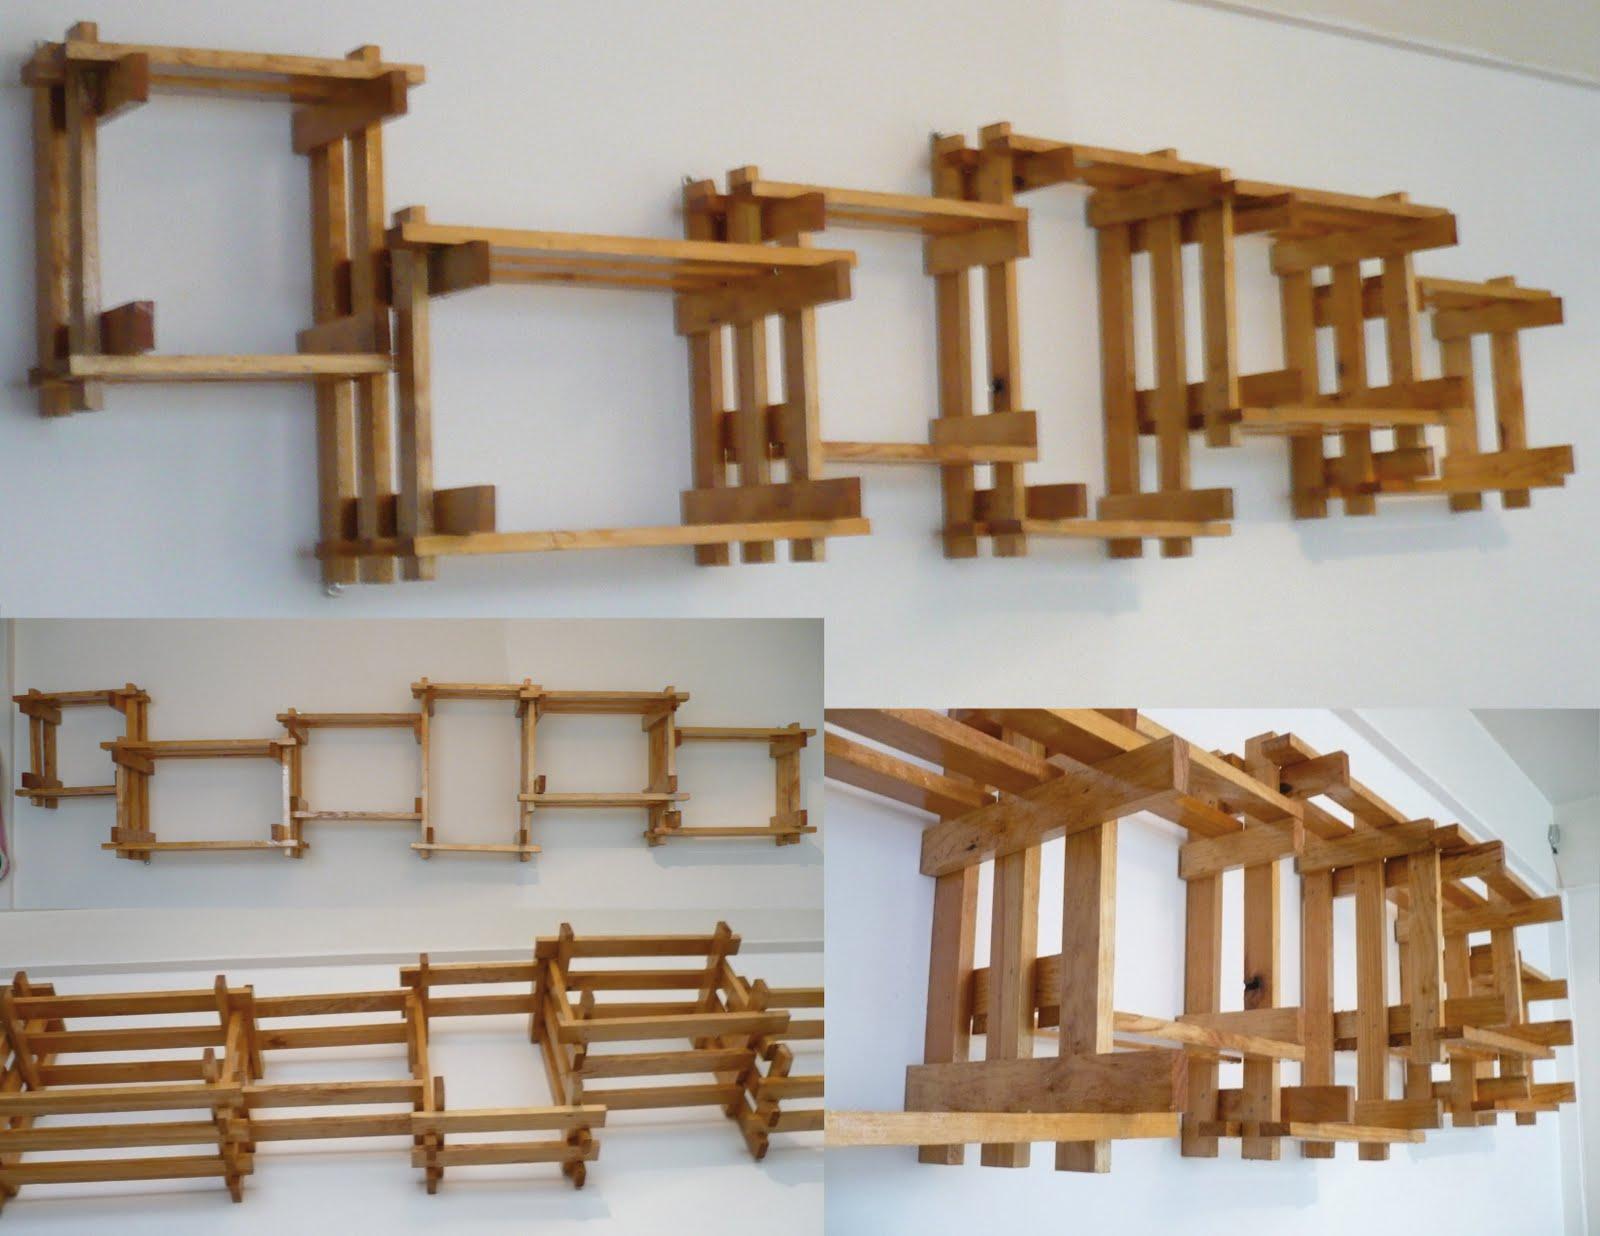 Archivo de trabajo repisas tejidas de madera - Como hacer repisas de madera ...